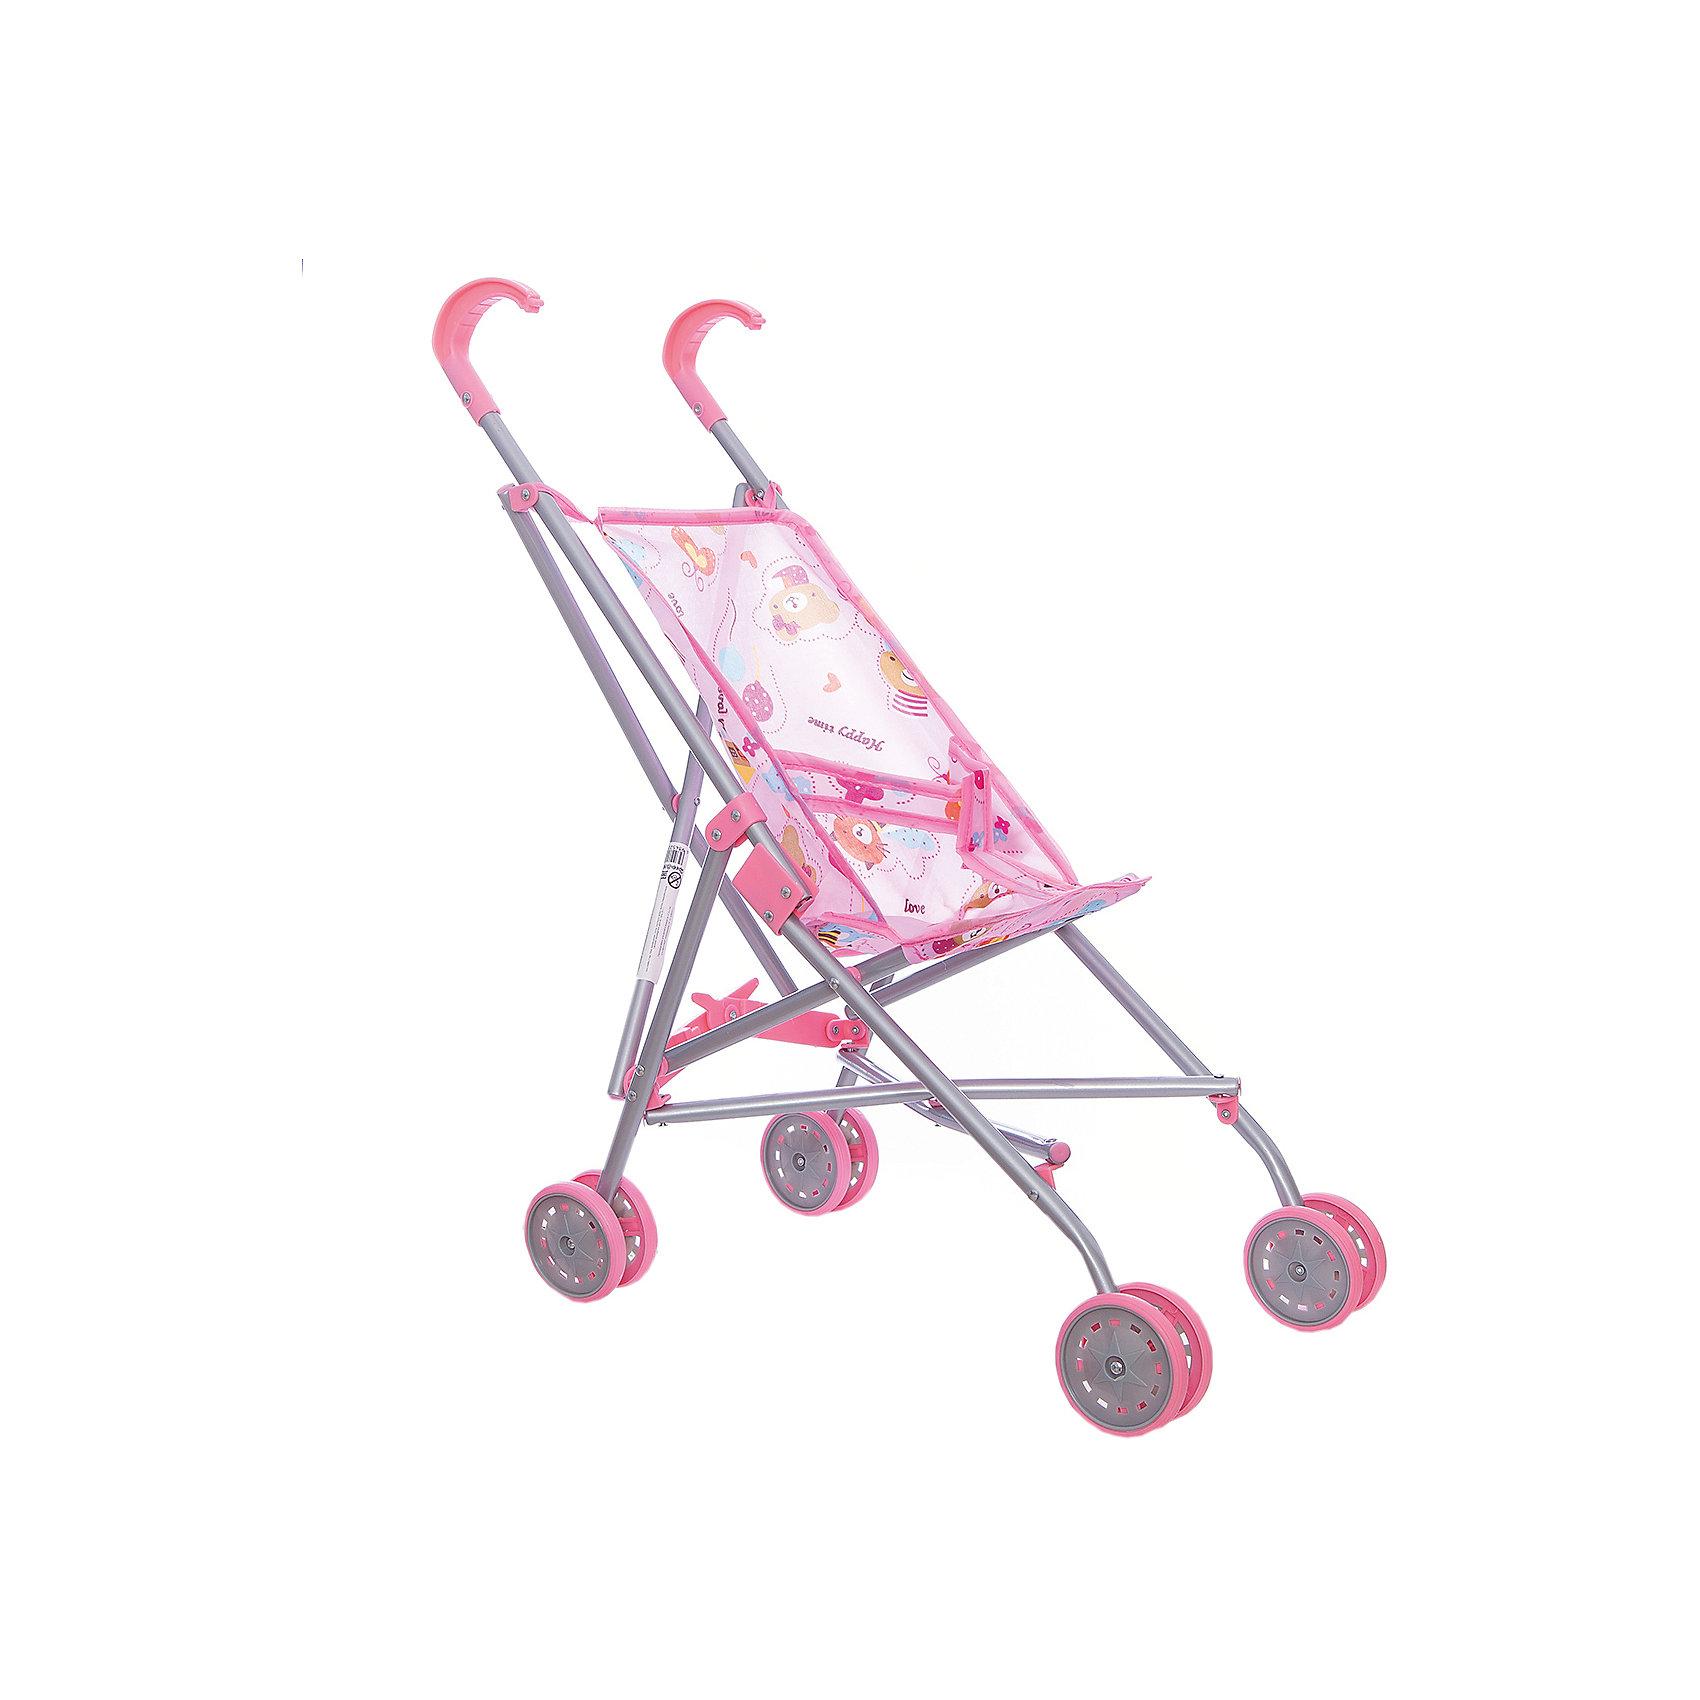 Коляска-трость для кукол Летняя, с ремнем безопасности, MeloboКоляски и транспорт для кукол<br>Девочки очень любят гулять со своими игрушками, особенно с куклами, с которыми играют в дочки-матери. Крепкая металлическая коляска для куколки станет отличным транспортом для прогулки. Она оснащена ремнем безопасности, который спасет куколку от выпадания. А еще она легко складывается, поэтому если везти ее надоест, ее можно просто нести в руках.<br><br>Дополнительная информация:<br><br>Материал: металл, пластик, текстиль.<br>Размер упаковки: 64 х 11 см.<br>Размер игрушки: 56 х 24 х 45 см.<br><br>Ширина мм: 200<br>Глубина мм: 670<br>Высота мм: 150<br>Вес г: 640<br>Возраст от месяцев: 48<br>Возраст до месяцев: 120<br>Пол: Женский<br>Возраст: Детский<br>SKU: 4651486